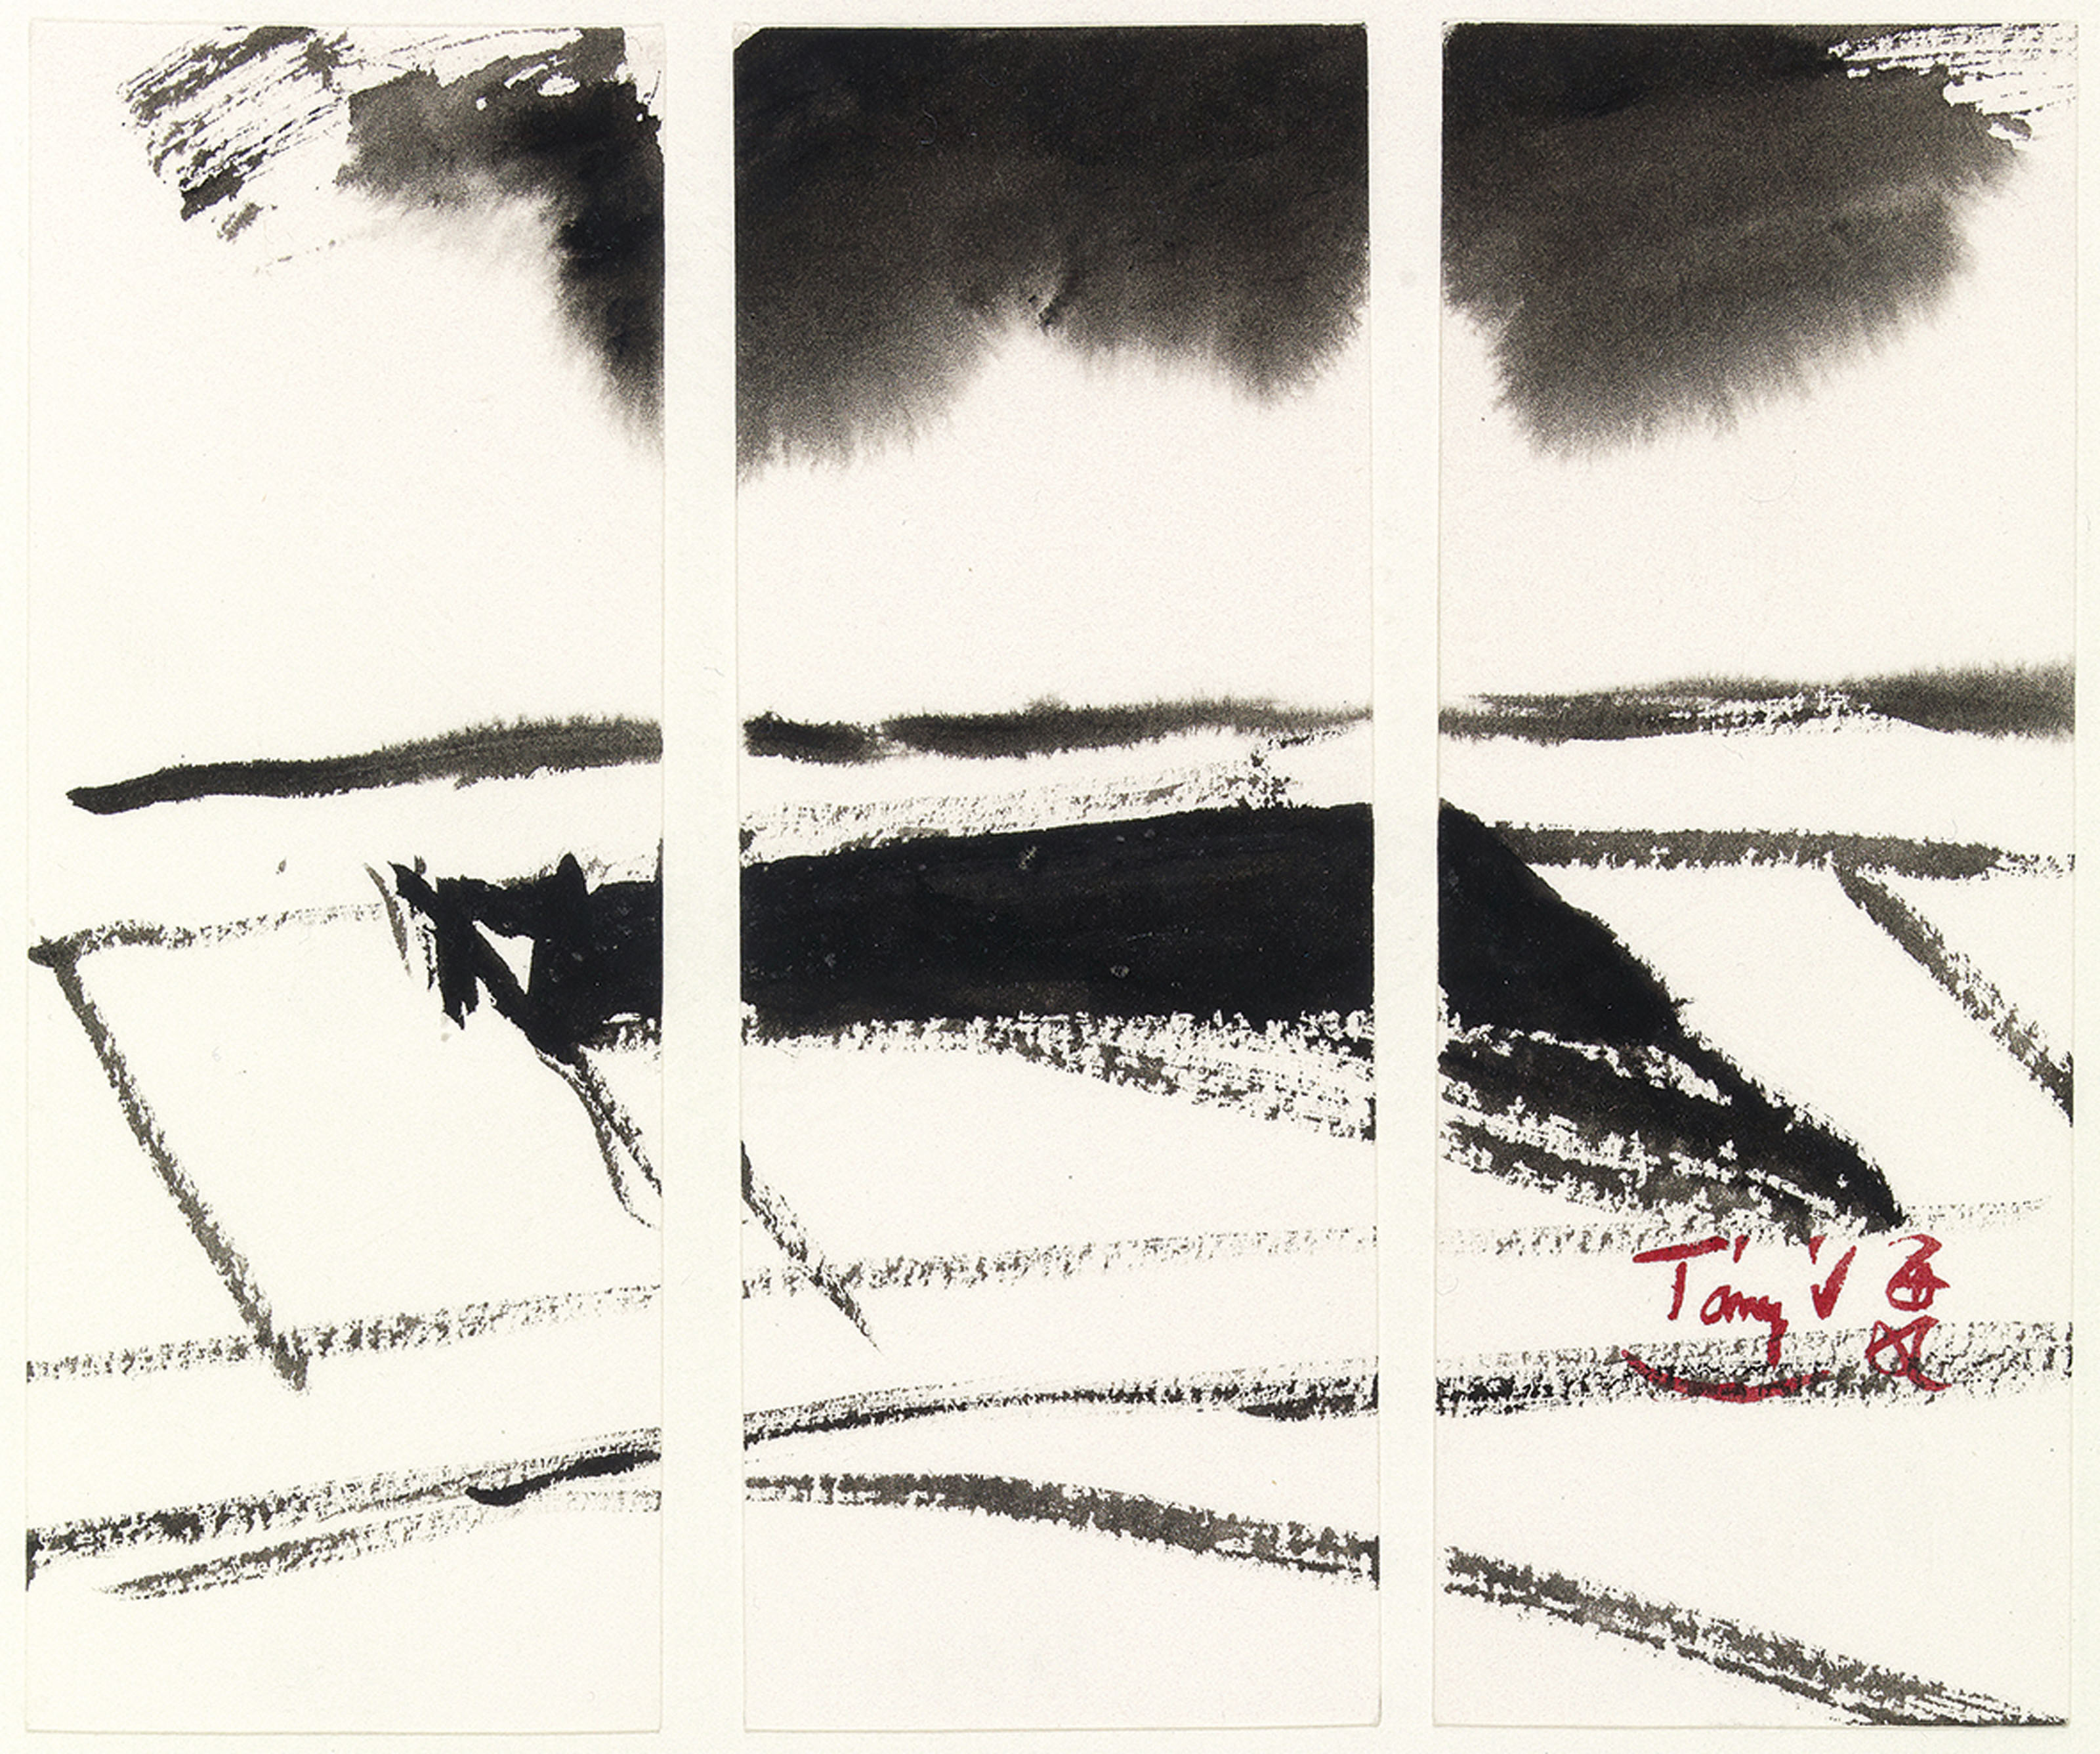 (TANG THIEN PHUOC HAYWEN, Chinese, 1927-1991)